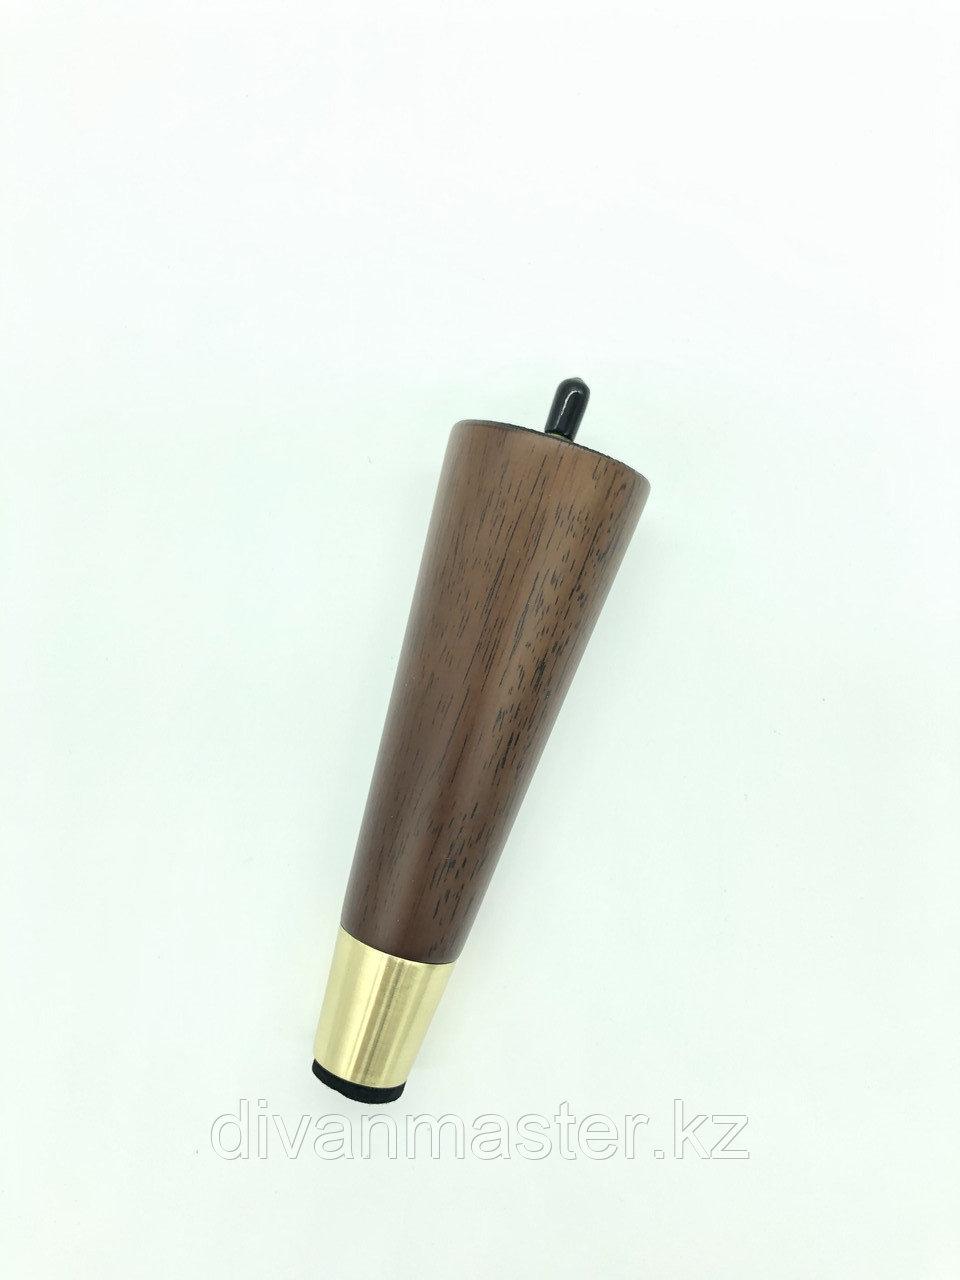 Ножка мебельная, деревянная с латунным наконечником 18 см